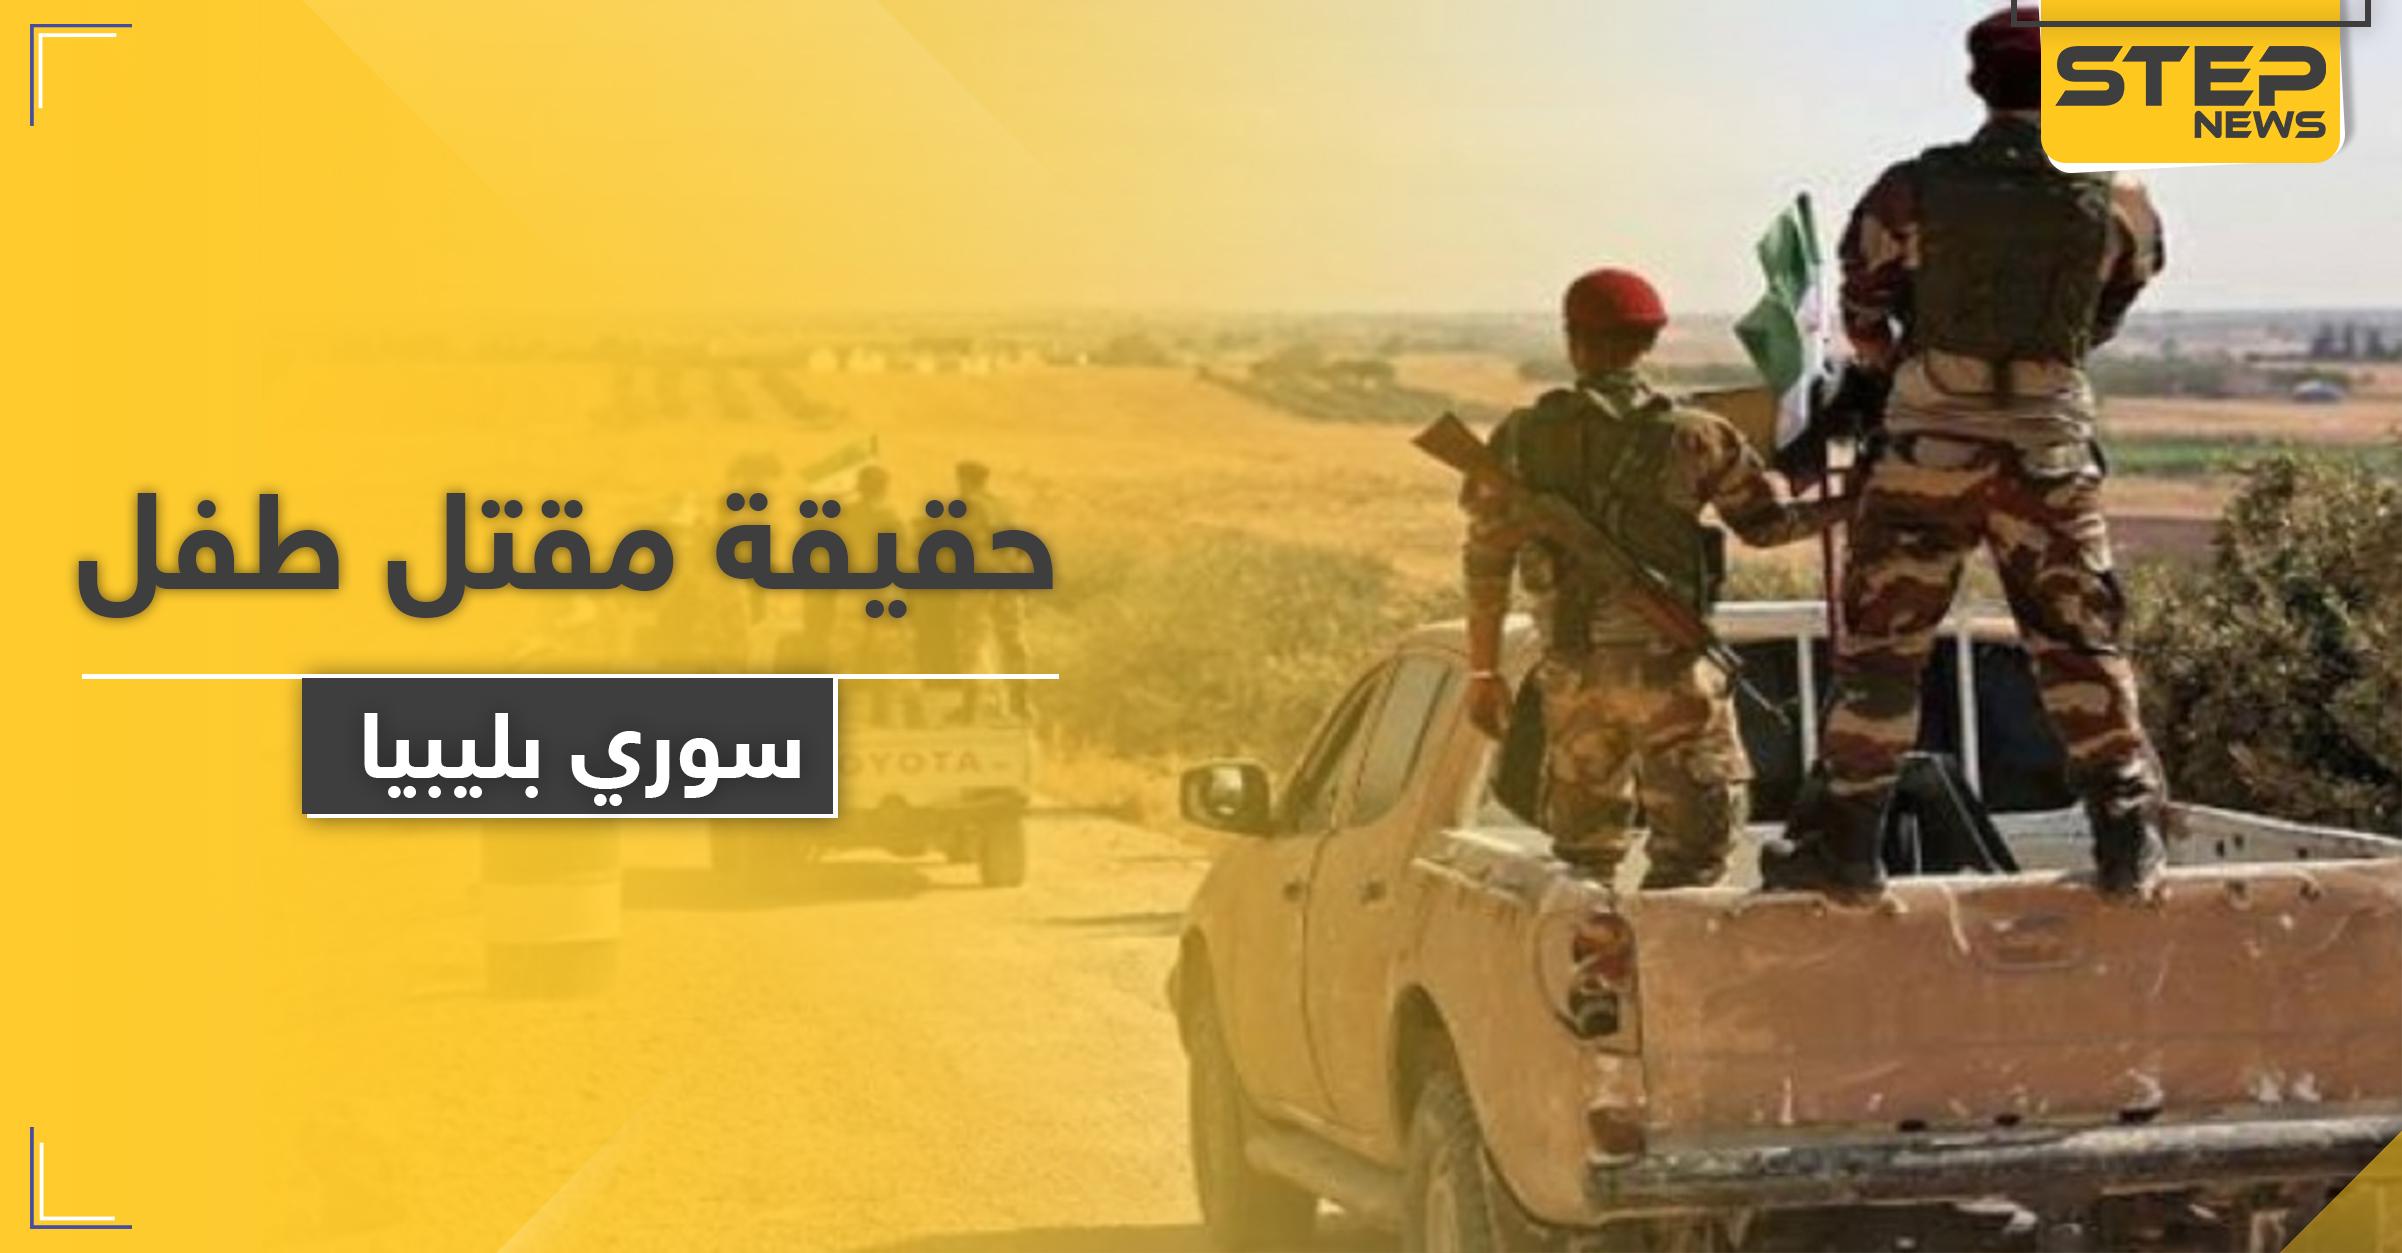 خاص|| حقيقة مقتل قاصر مع المرتزقة السوريين في ليبيا, واستثمار المعارضة الخبر لصالحها